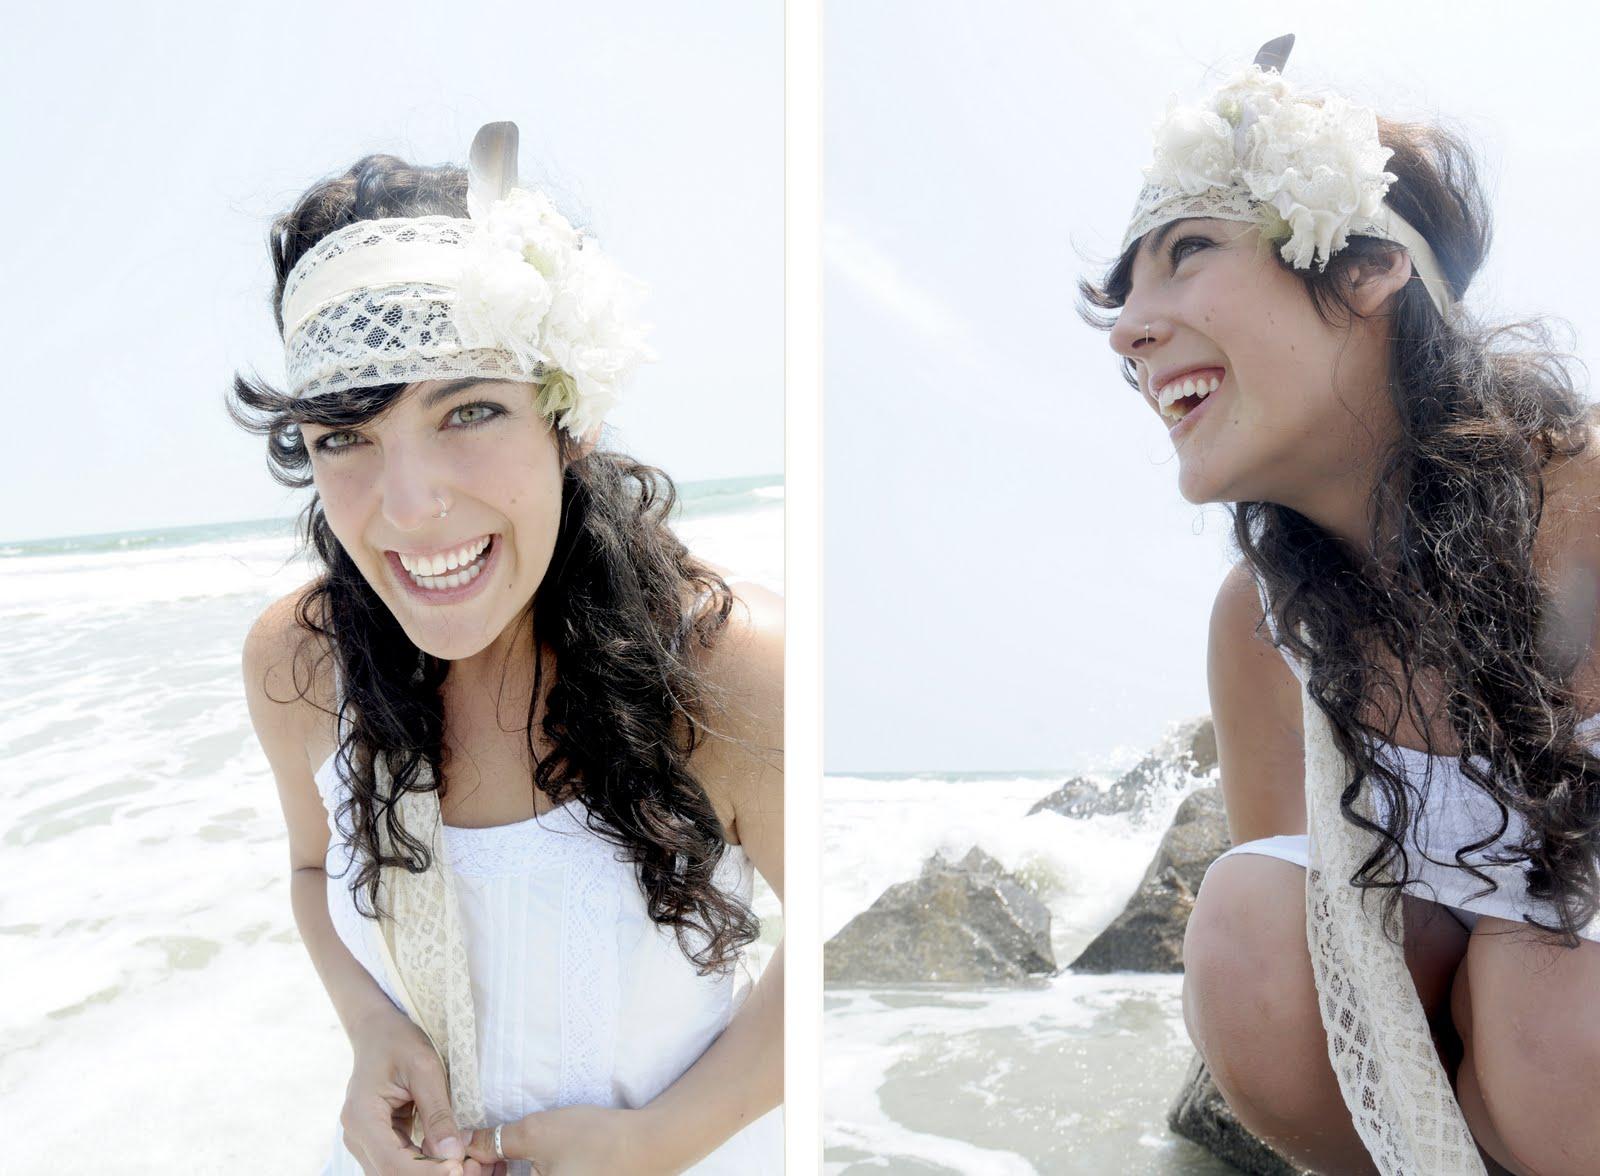 Jess Gatlyn